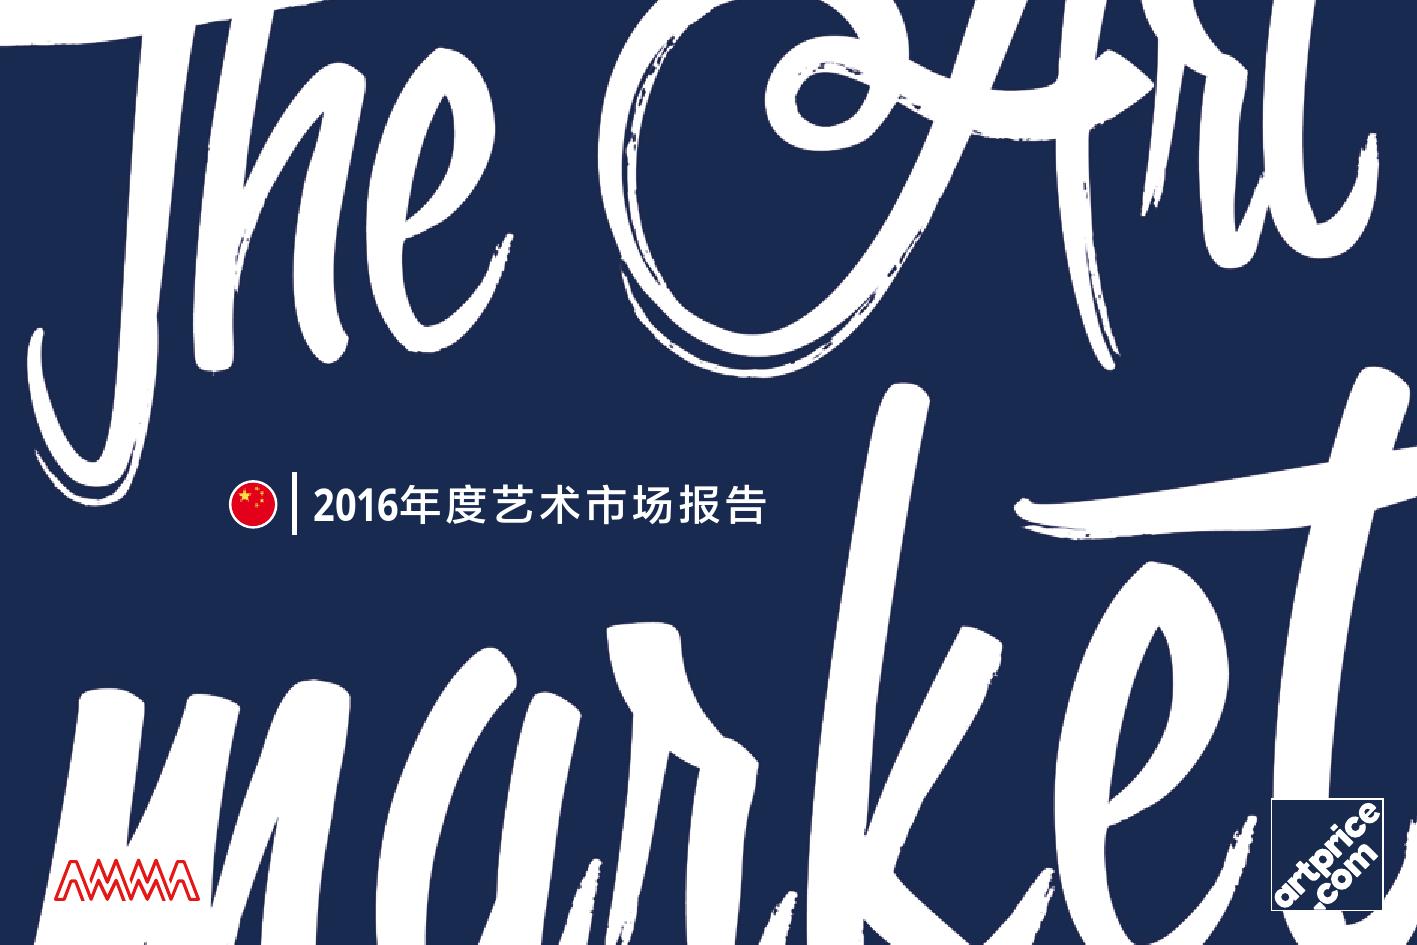 AMMA&Artprice:2016年度艺术市场报告(附下载)